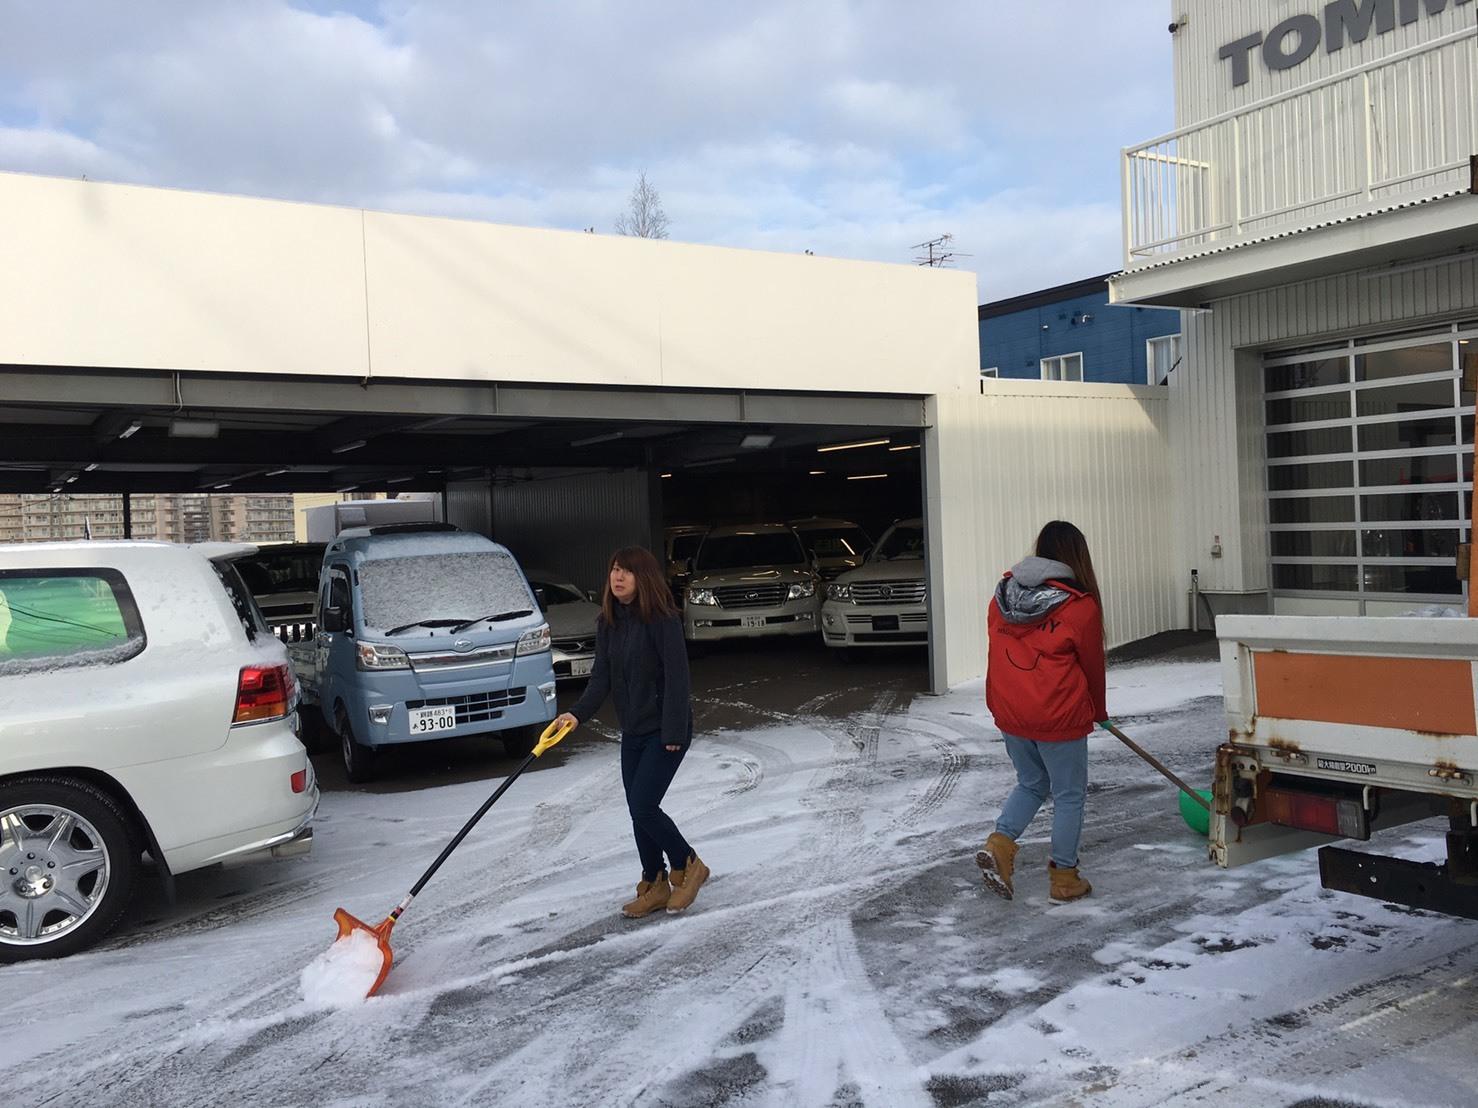 1月15日(水)本店ブログ★ワンオーナーのプラドあります💛エスカレード・ハマー・ランクル_b0127002_17162949.jpg